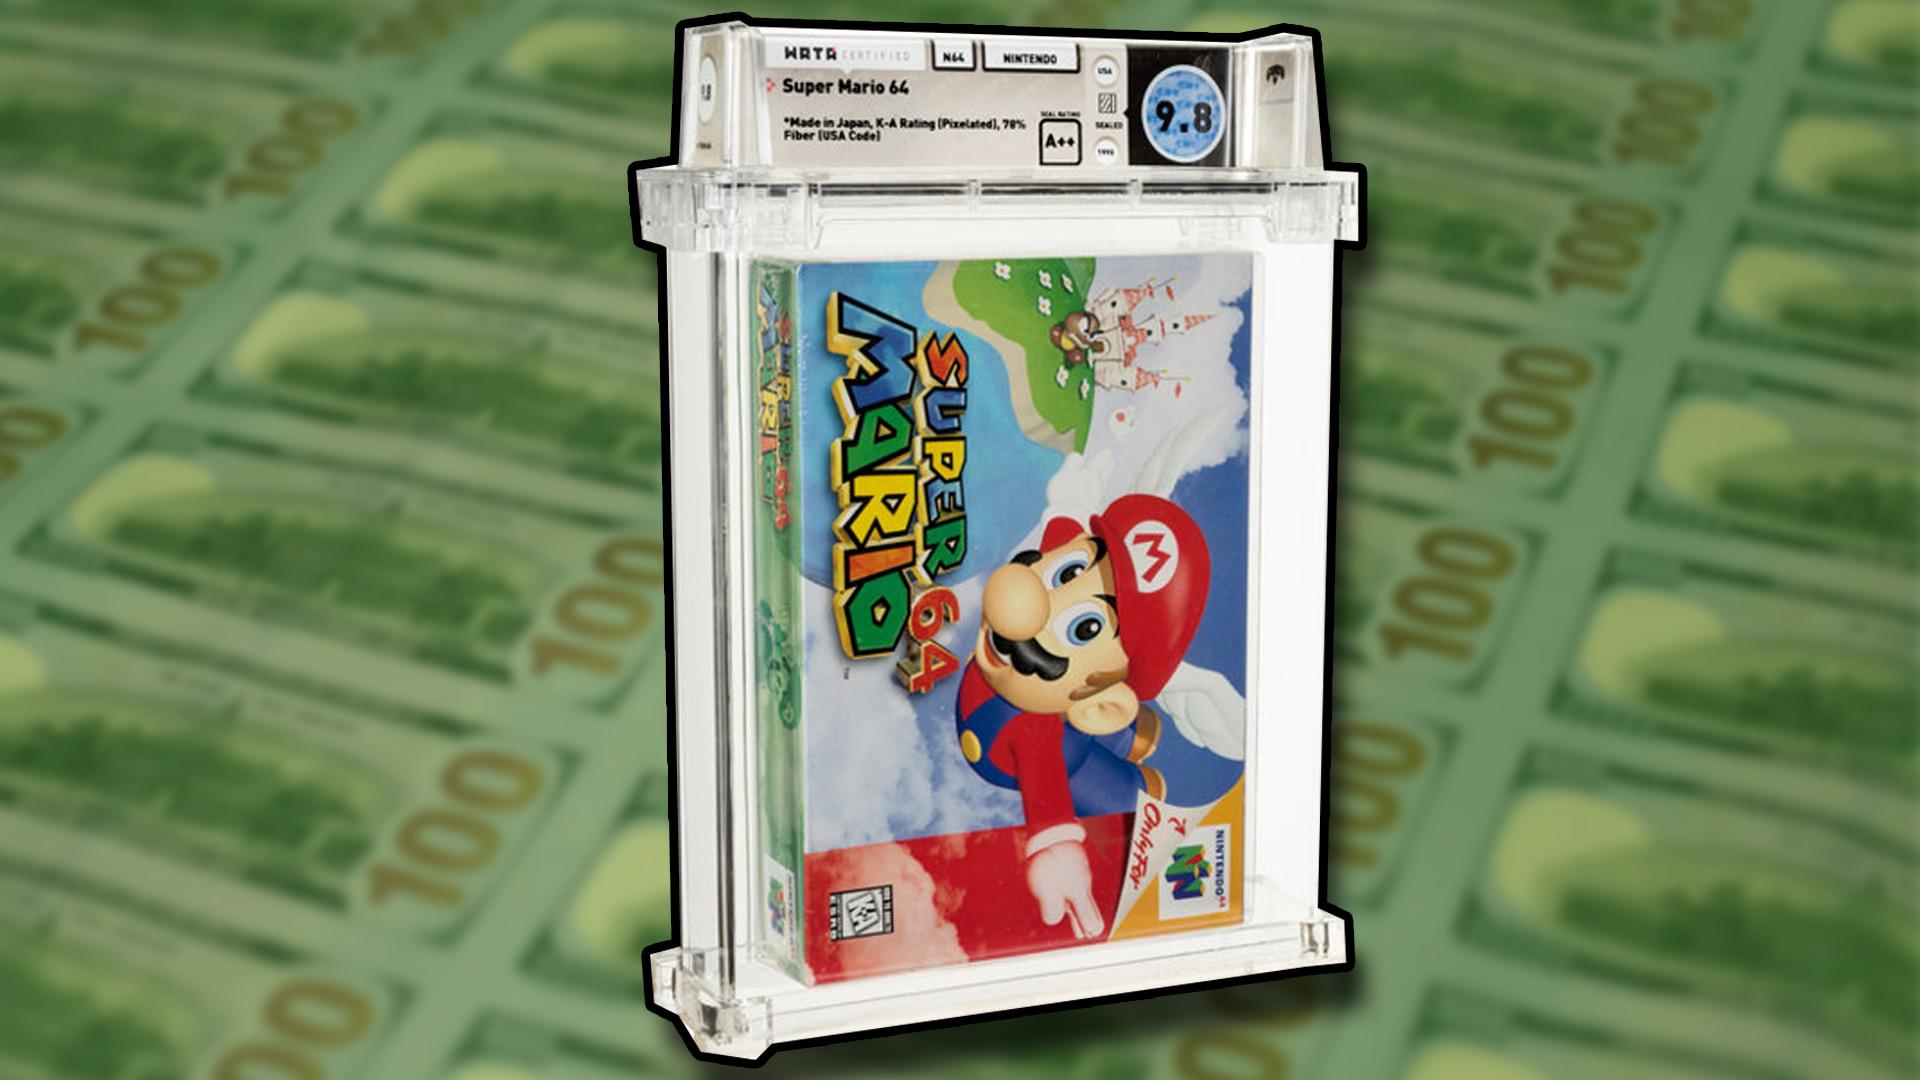 Super Mario 64 продали 1,5$ млн. Она побила предыдущий рекорд за два дня